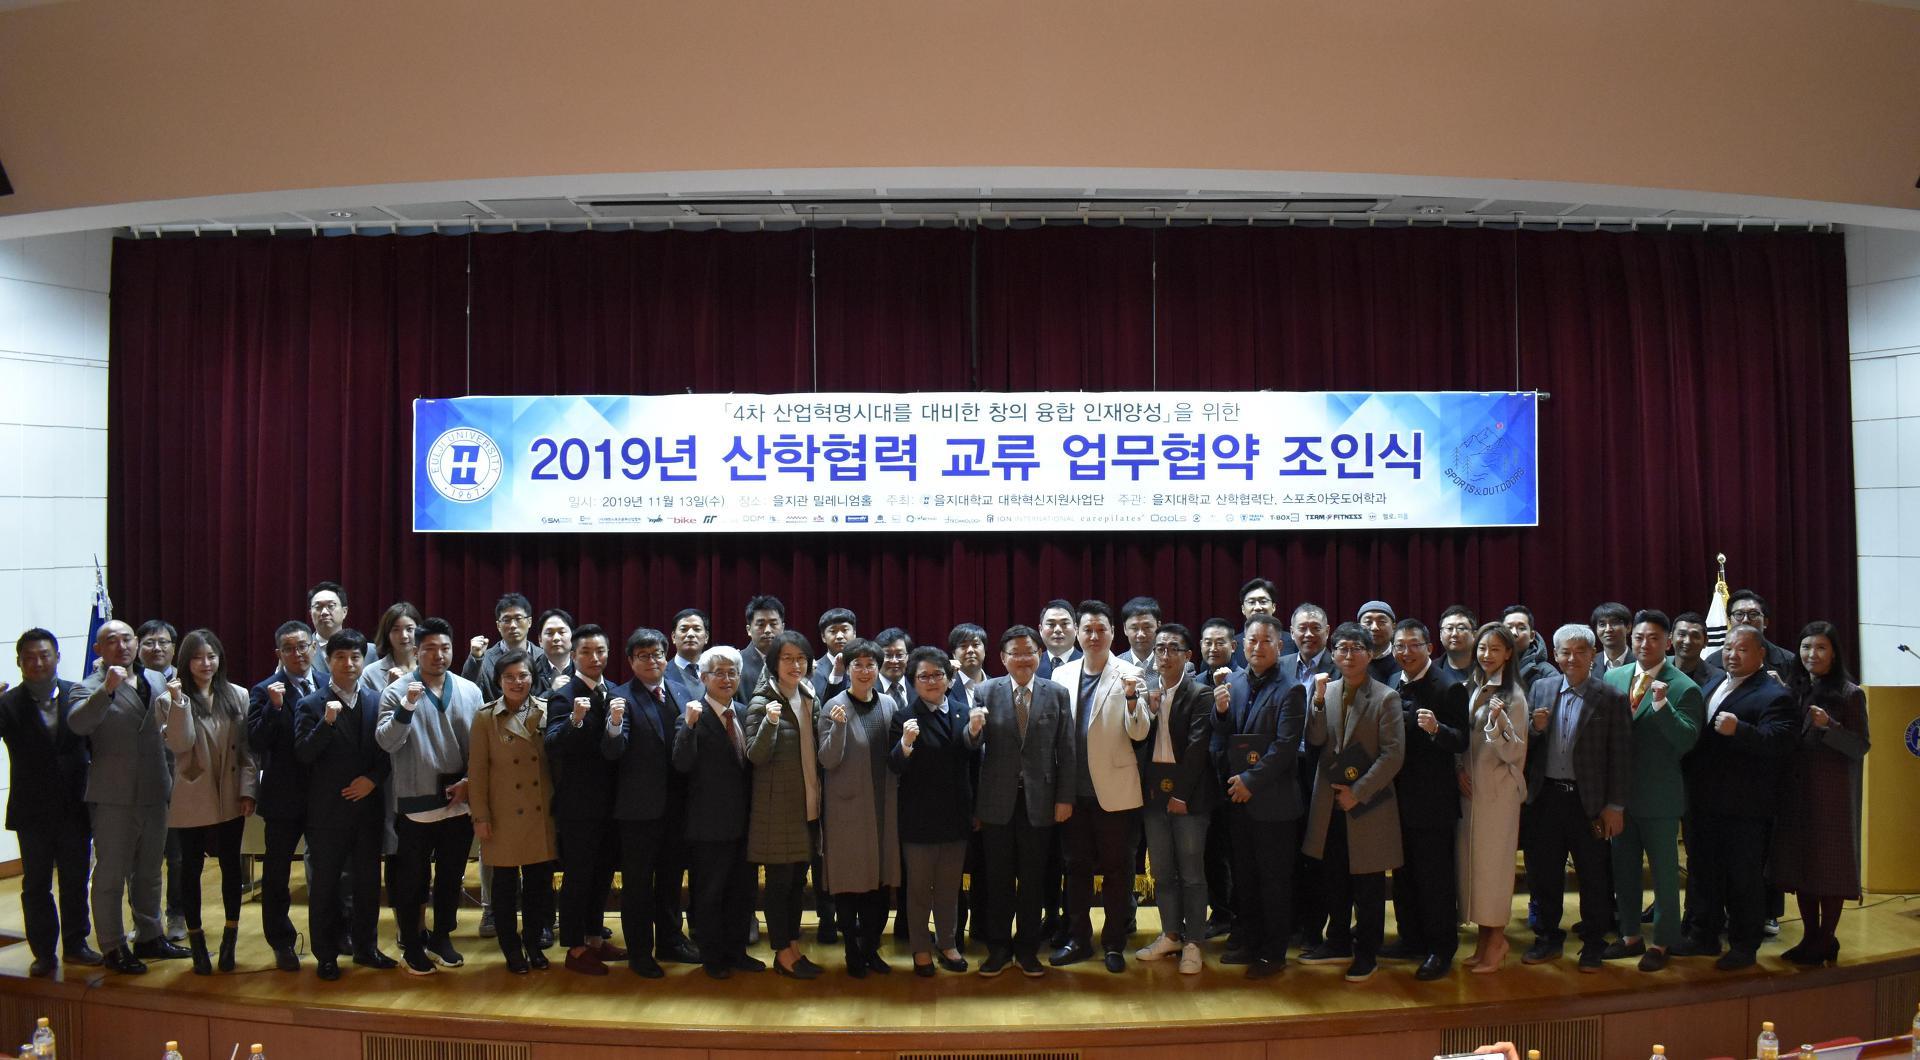 을지대학교, 4차산업혁명시대 대비 산학협력 협약식 체결